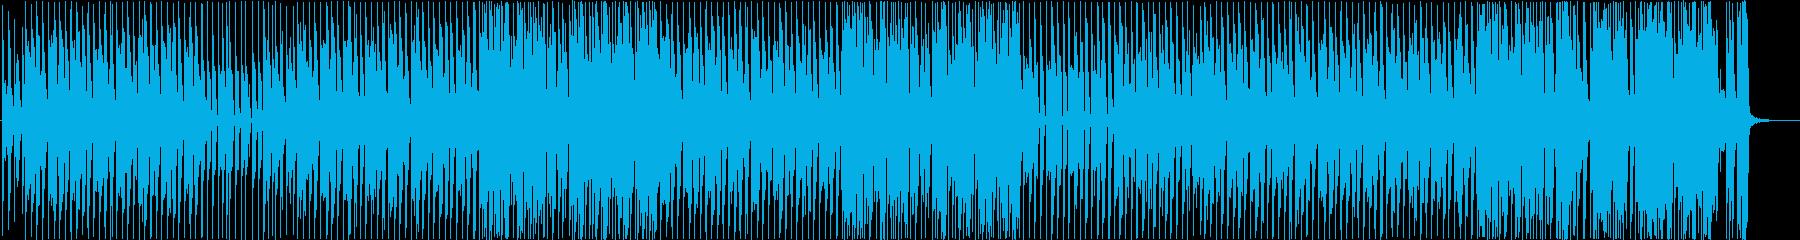 元気になるハウス・テクノの再生済みの波形